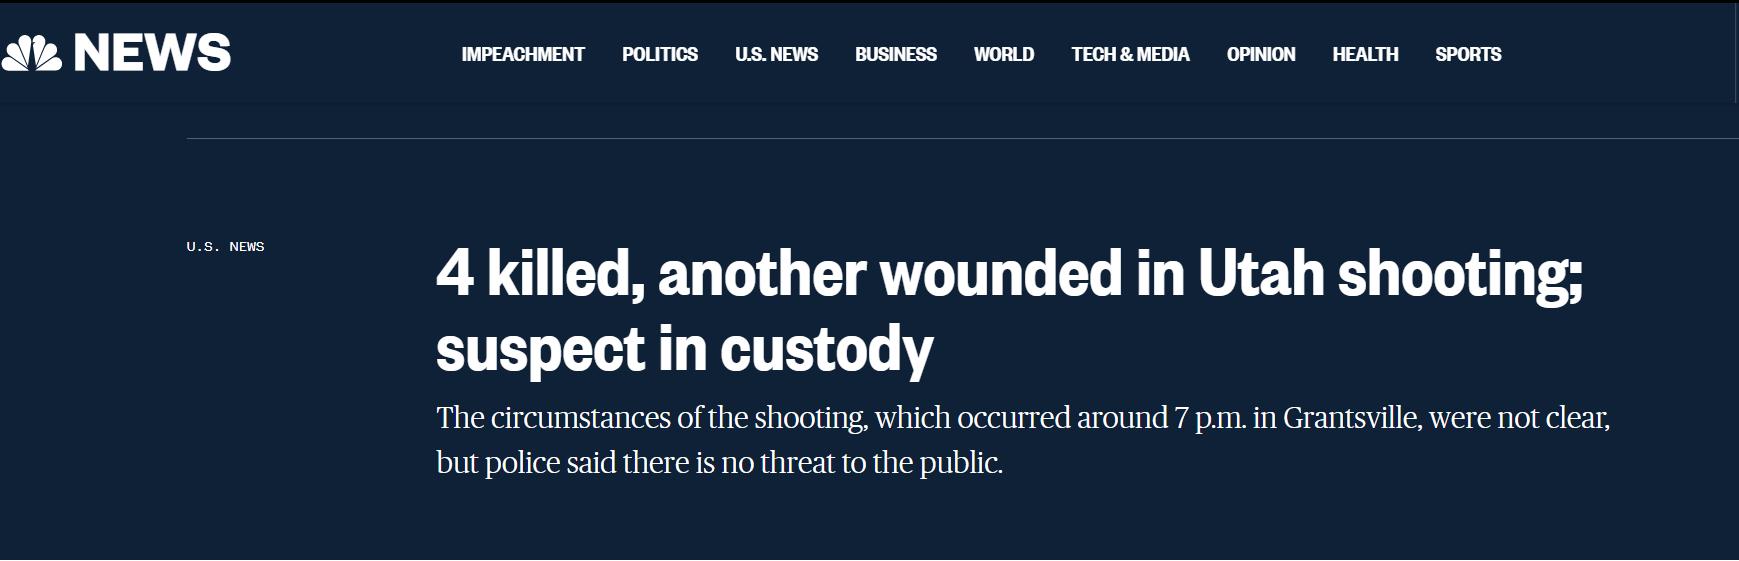 美国犹他州枪击案致4死1伤 警方拘捕1名嫌疑人